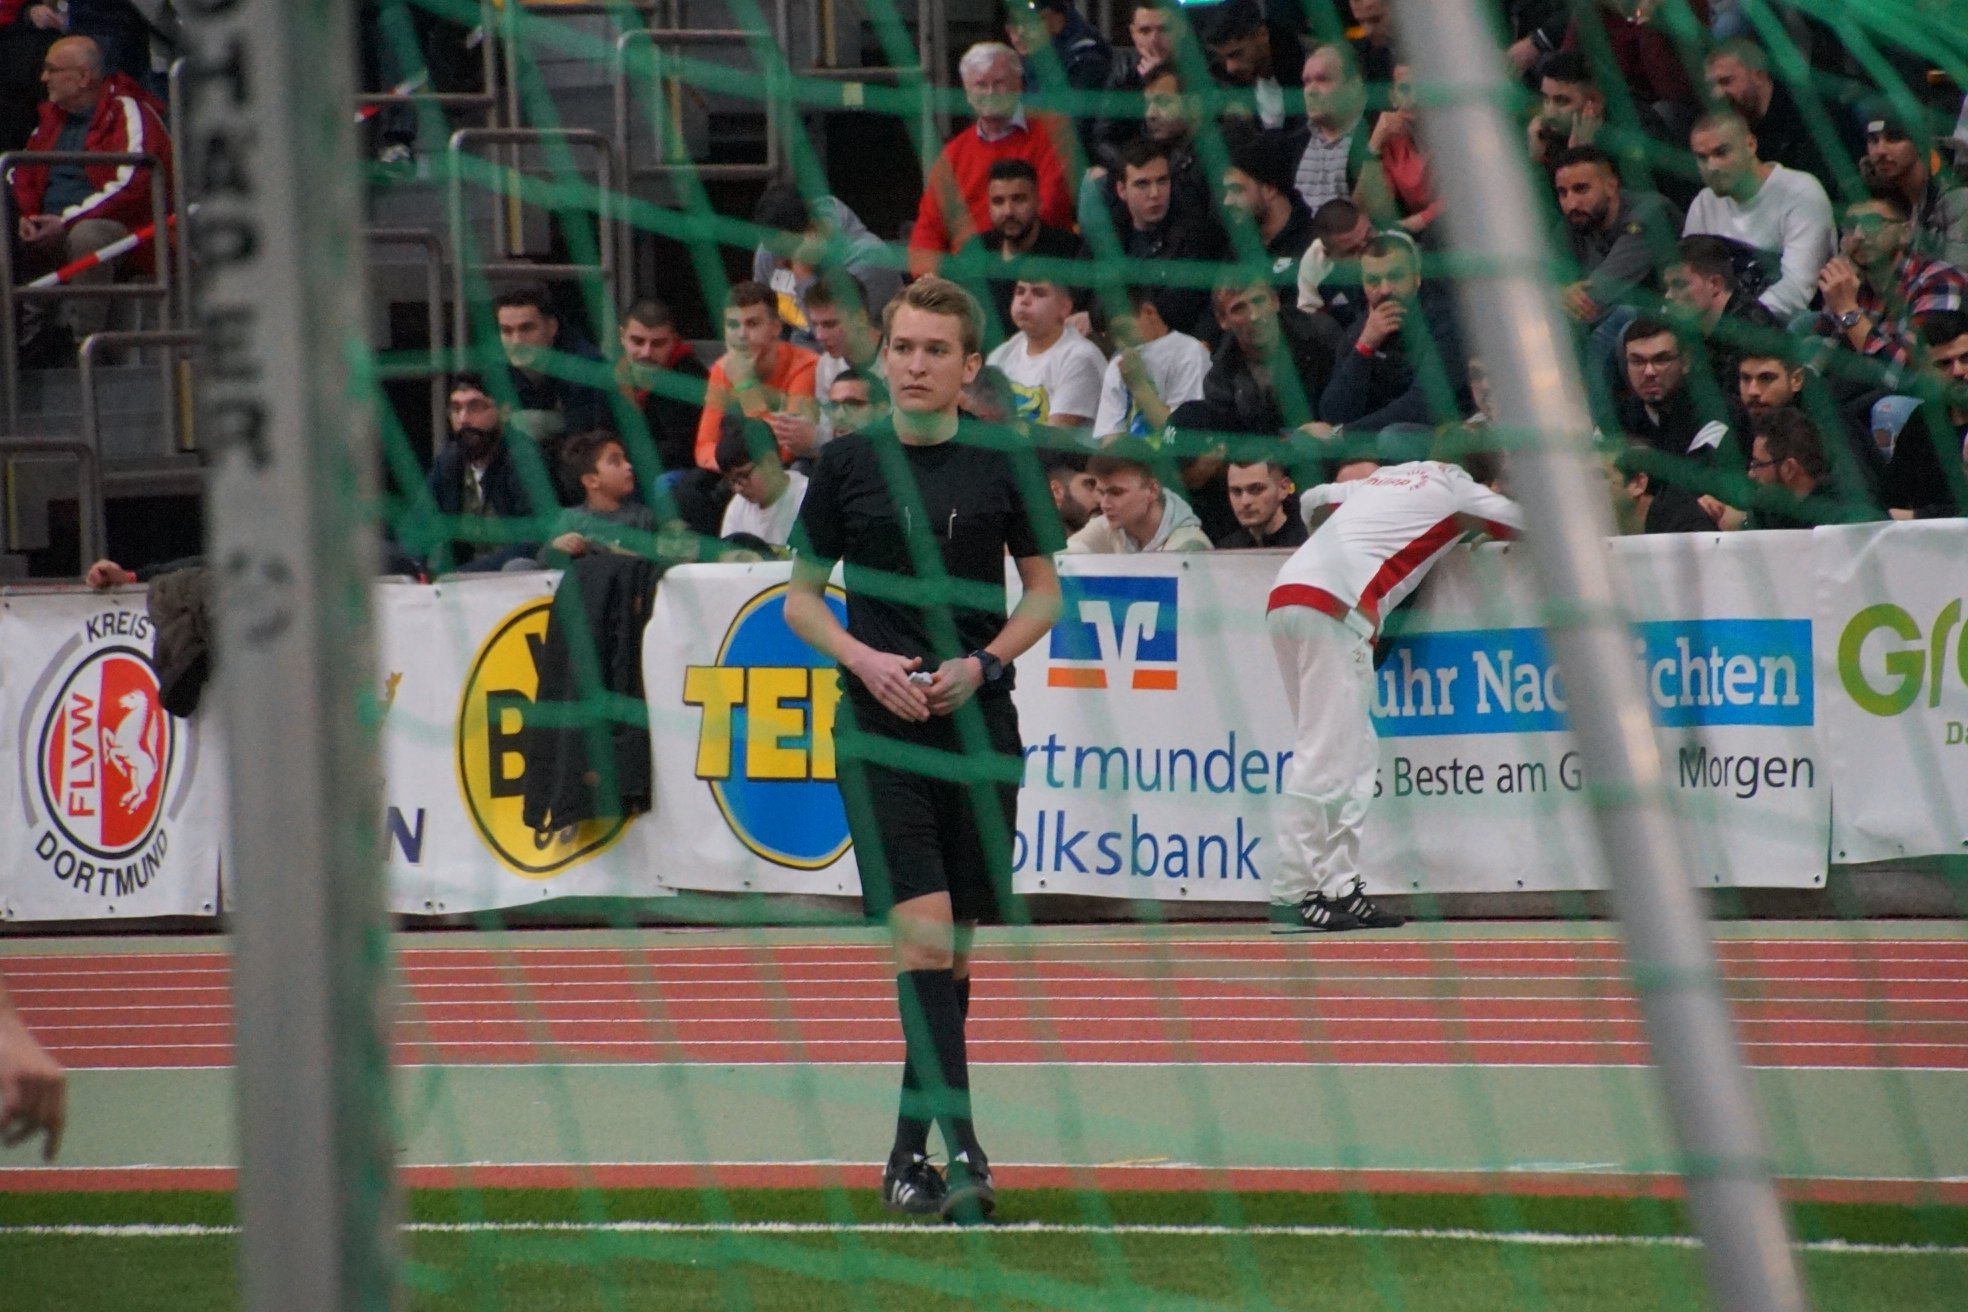 Spiel- und Veranstaltungspause für Dortmunder Schiedsrichter